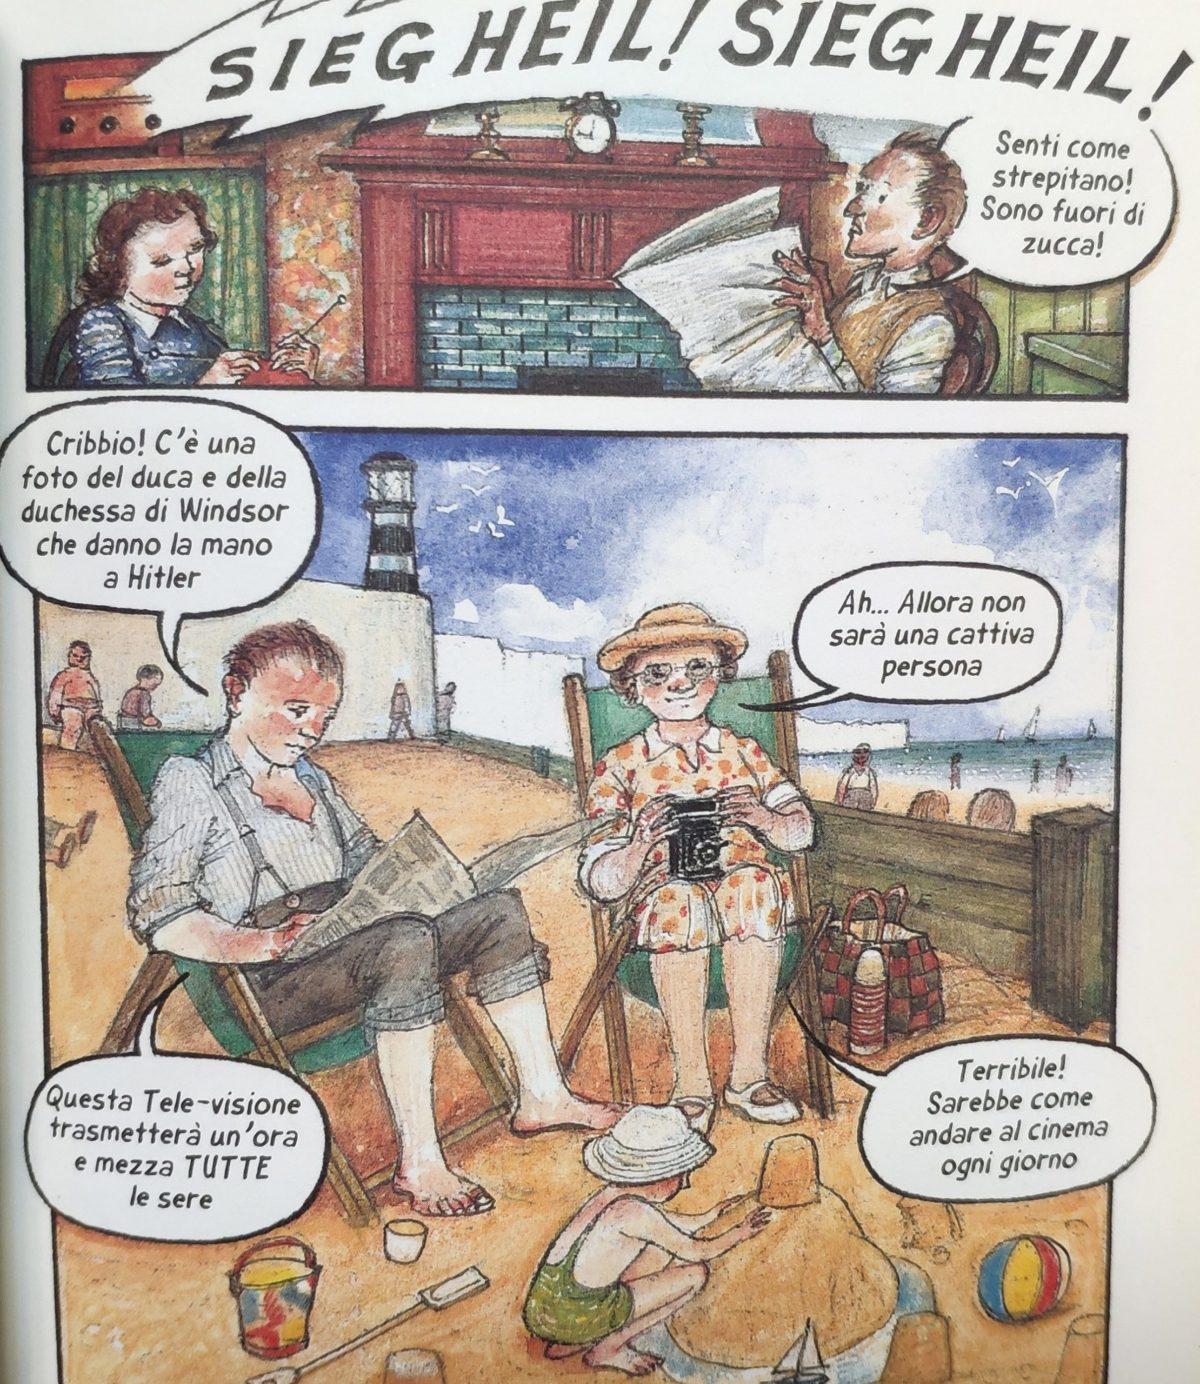 Mio caro fumetto... - Le notizie su Hitler arrivano in Gran Bretagna